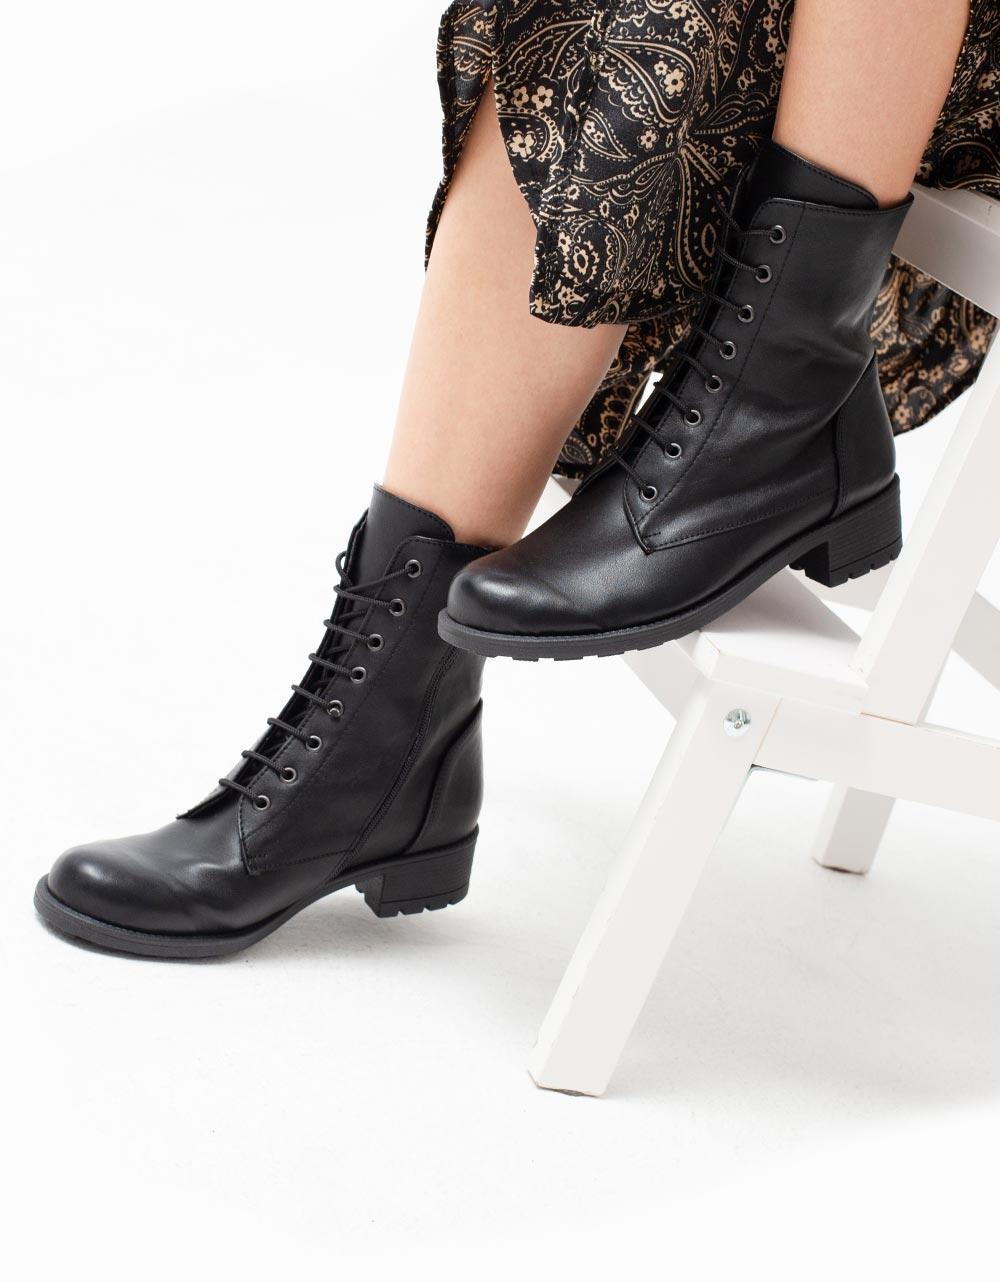 Εικόνα από Γυναικεία μποτάκια με φερμουάρ και κορδόνια Μαύρο